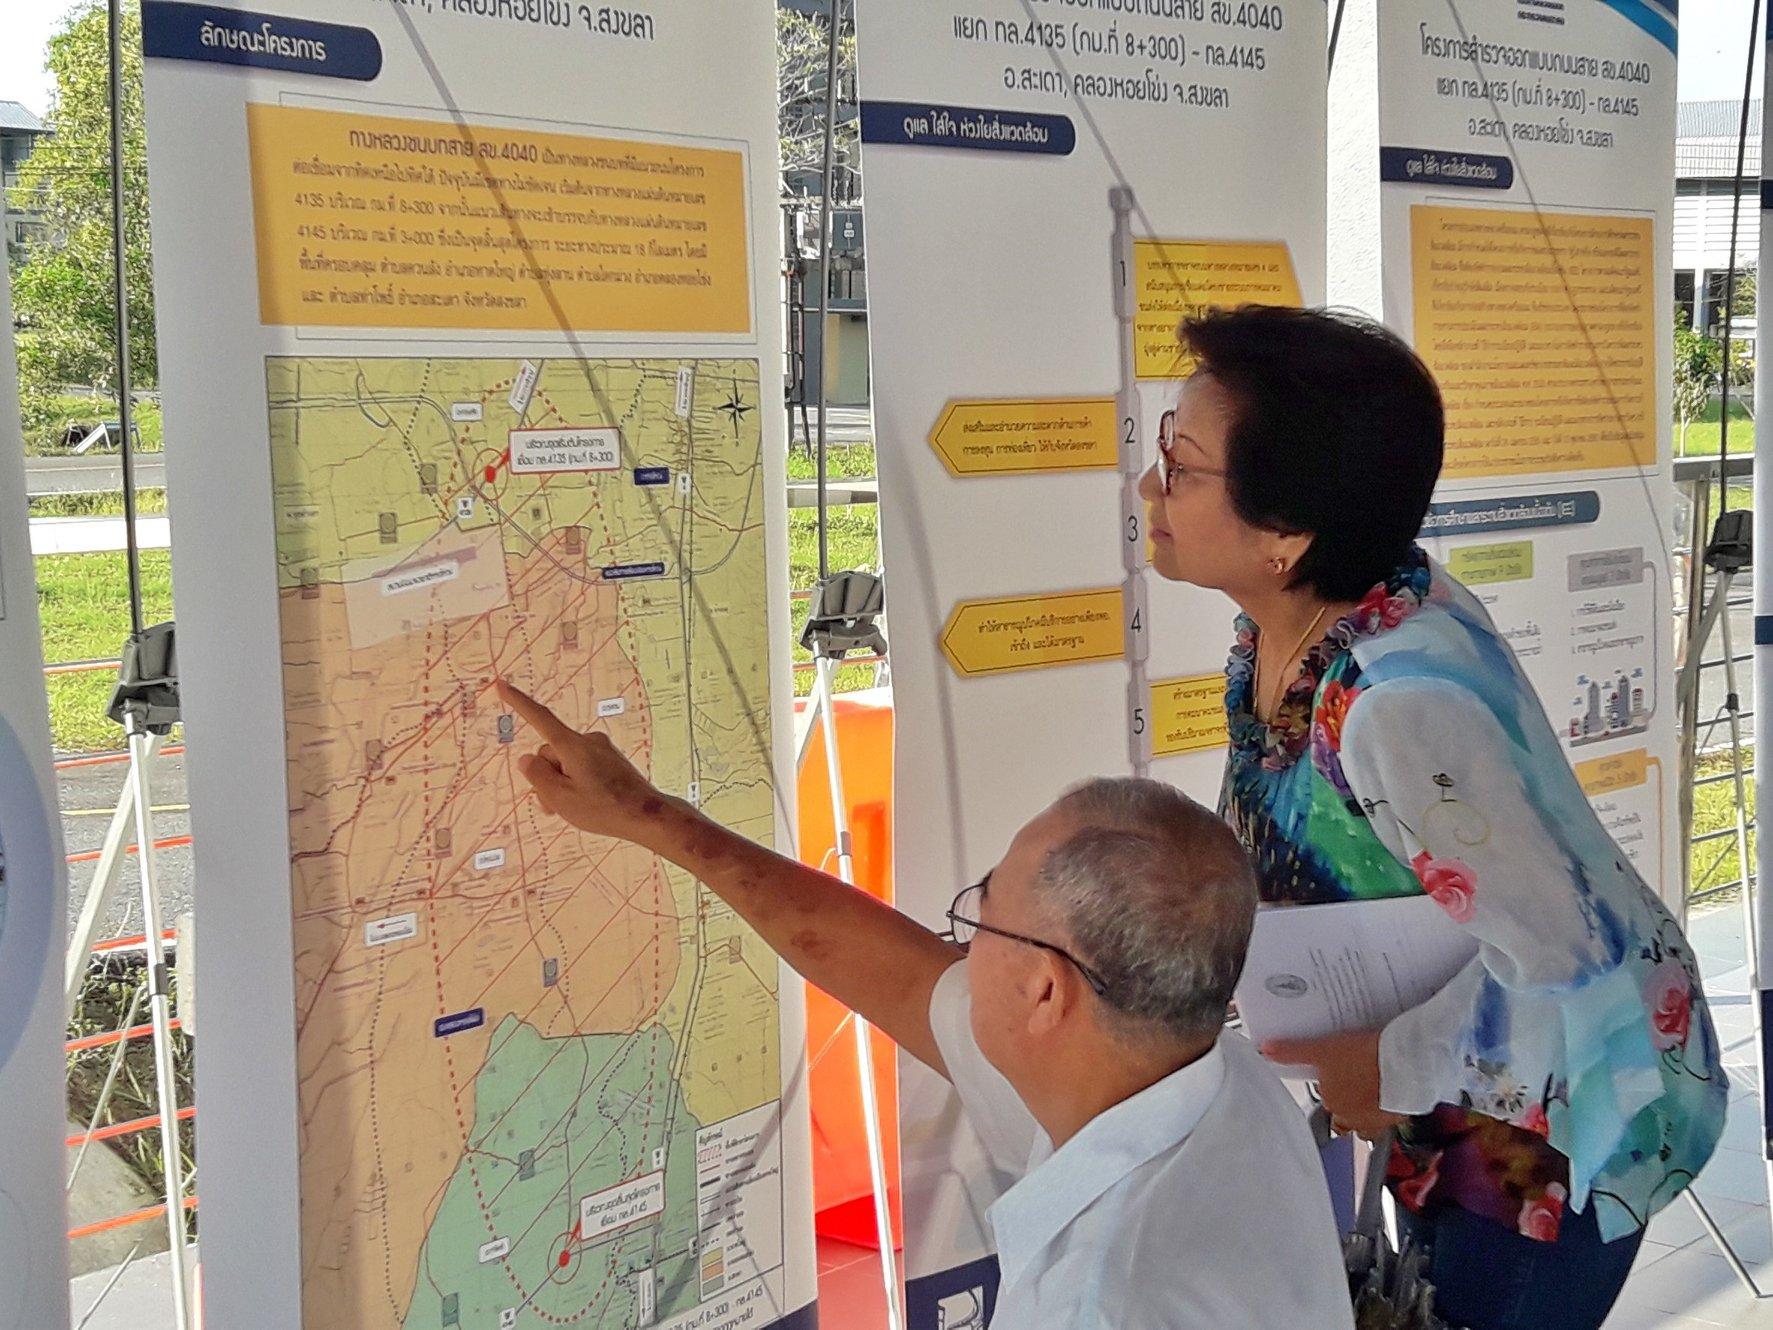 เชิญชวนประชาชนชาวสงขลา รับฟังความคิดเห็น โครงการถนนสาย สข.4040 เชื่อมโยงสนามบินหาดใหญ่ – ด่านชายแดนสะเดาและด่านชายแดนปาดังเบซาร์